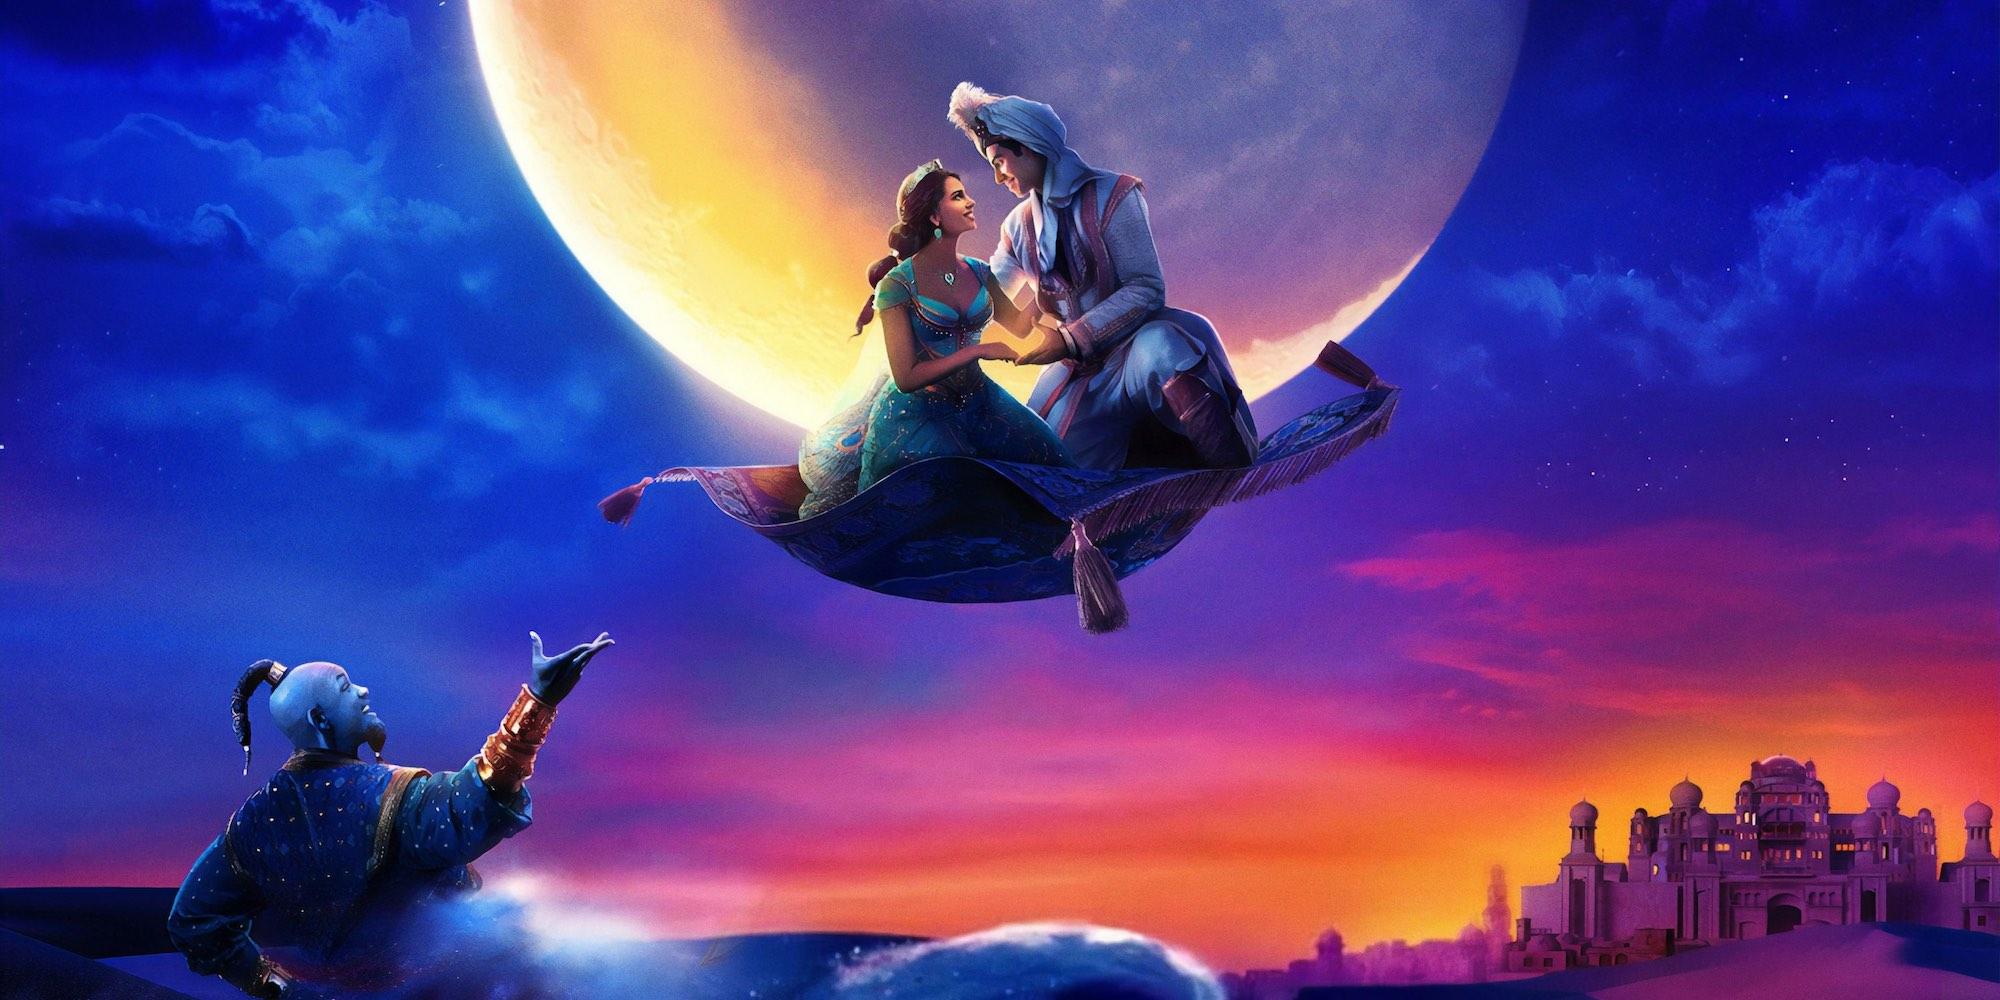 Aladdin-Post-Credits-Scene